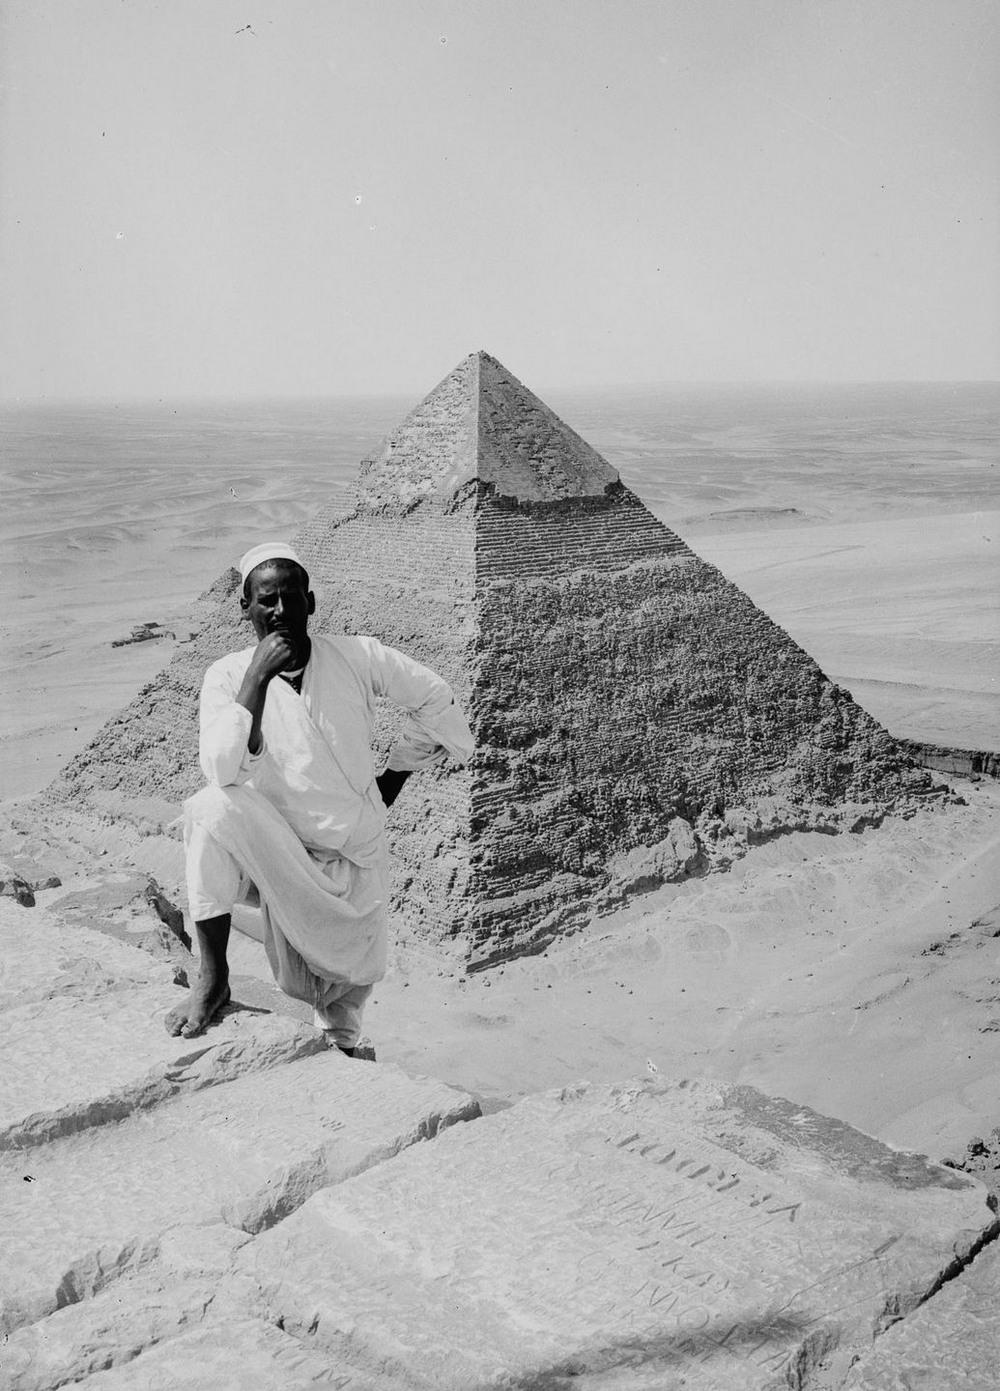 Ретро фотографии туристов на пирамидах Гизы  19